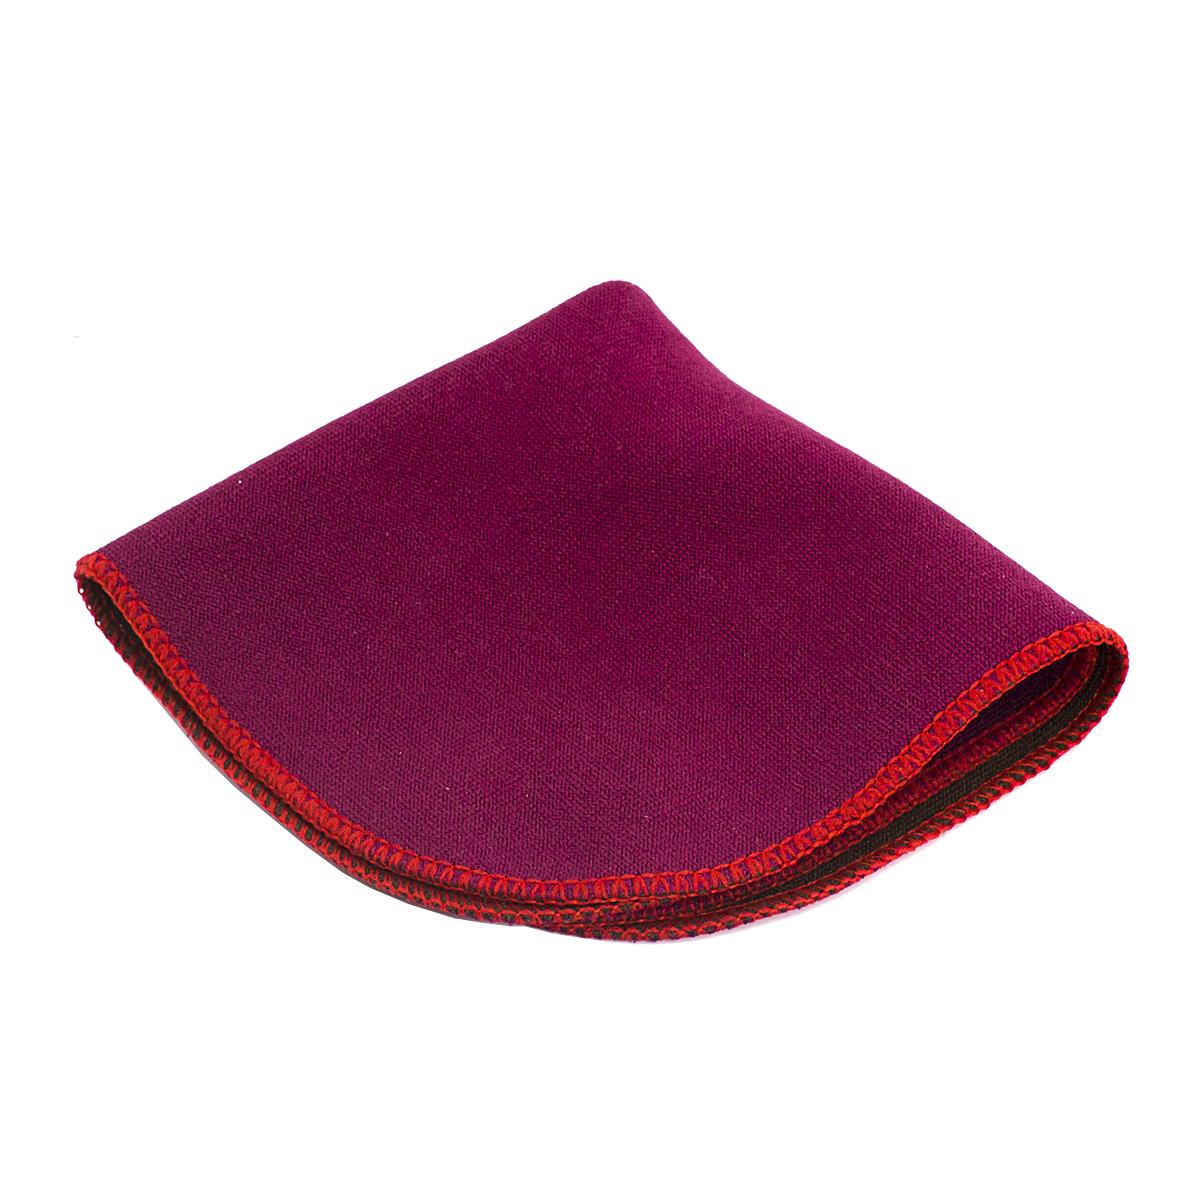 Полотенце для чайной церемонии Чаепитие красное 20 х см (двухцветное)